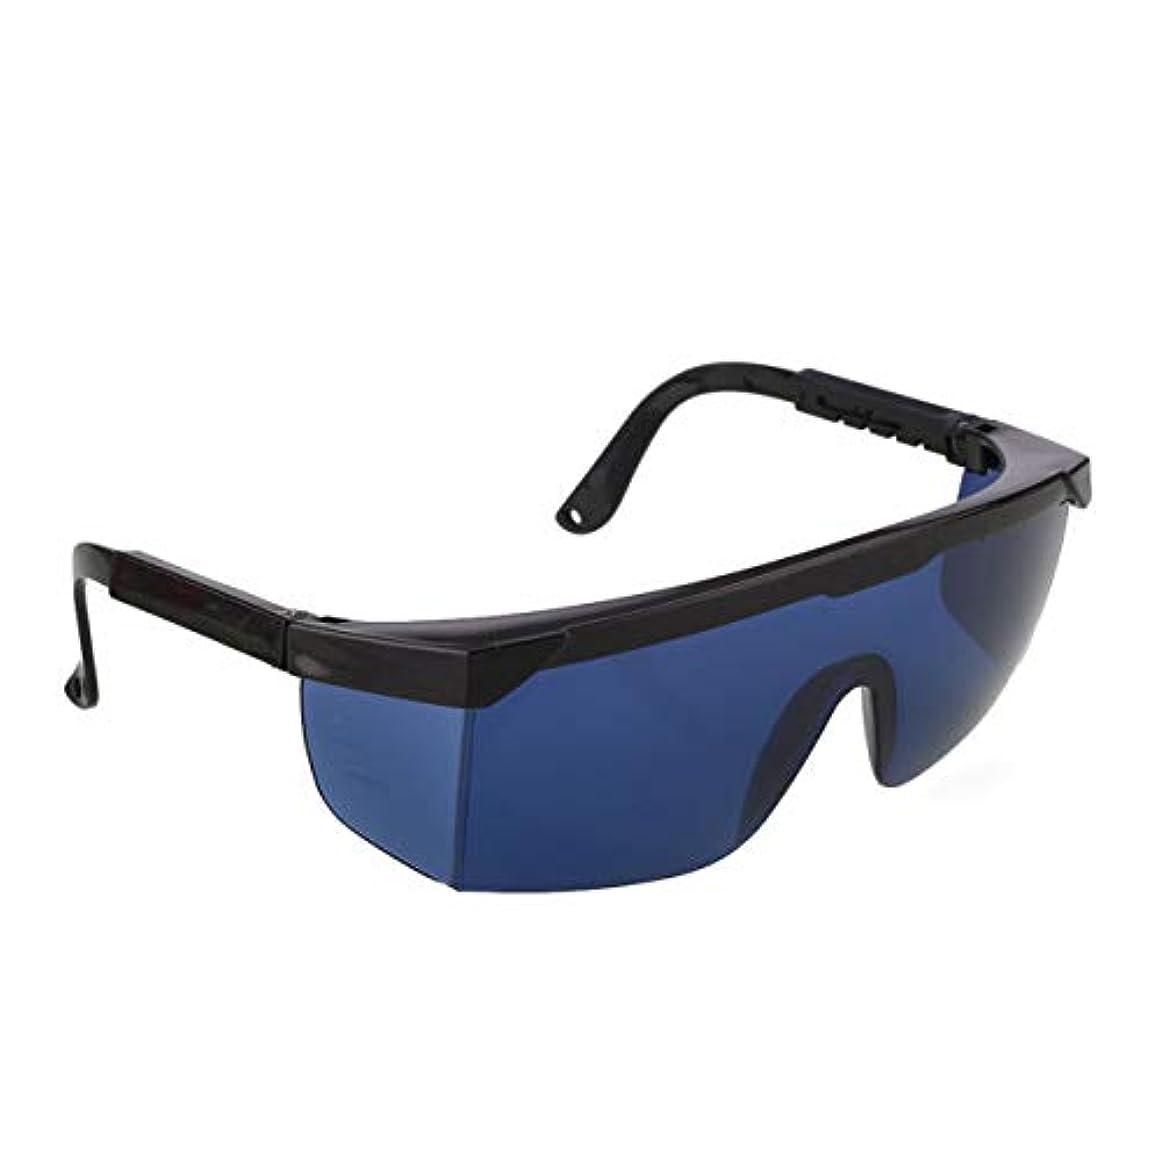 ピュータクシー病なSaikogoods 除毛クリーム ポイント脱毛保護メガネユニバーサルゴーグル眼鏡を凍結IPL/E-光OPTのためのレーザー保護メガネ 青